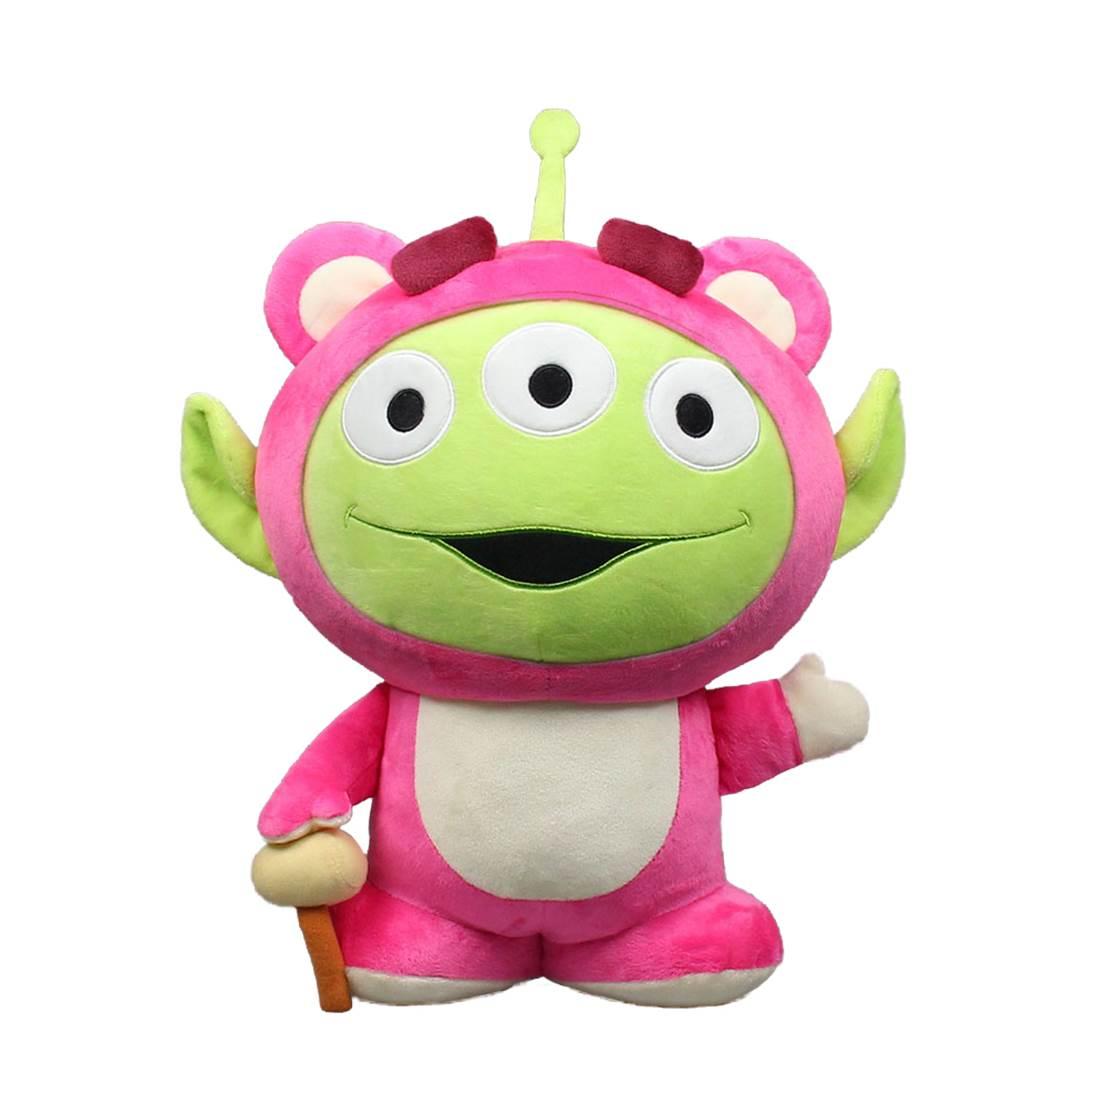 30cm 玩具總動員 立姿三眼怪變裝熊抱哥